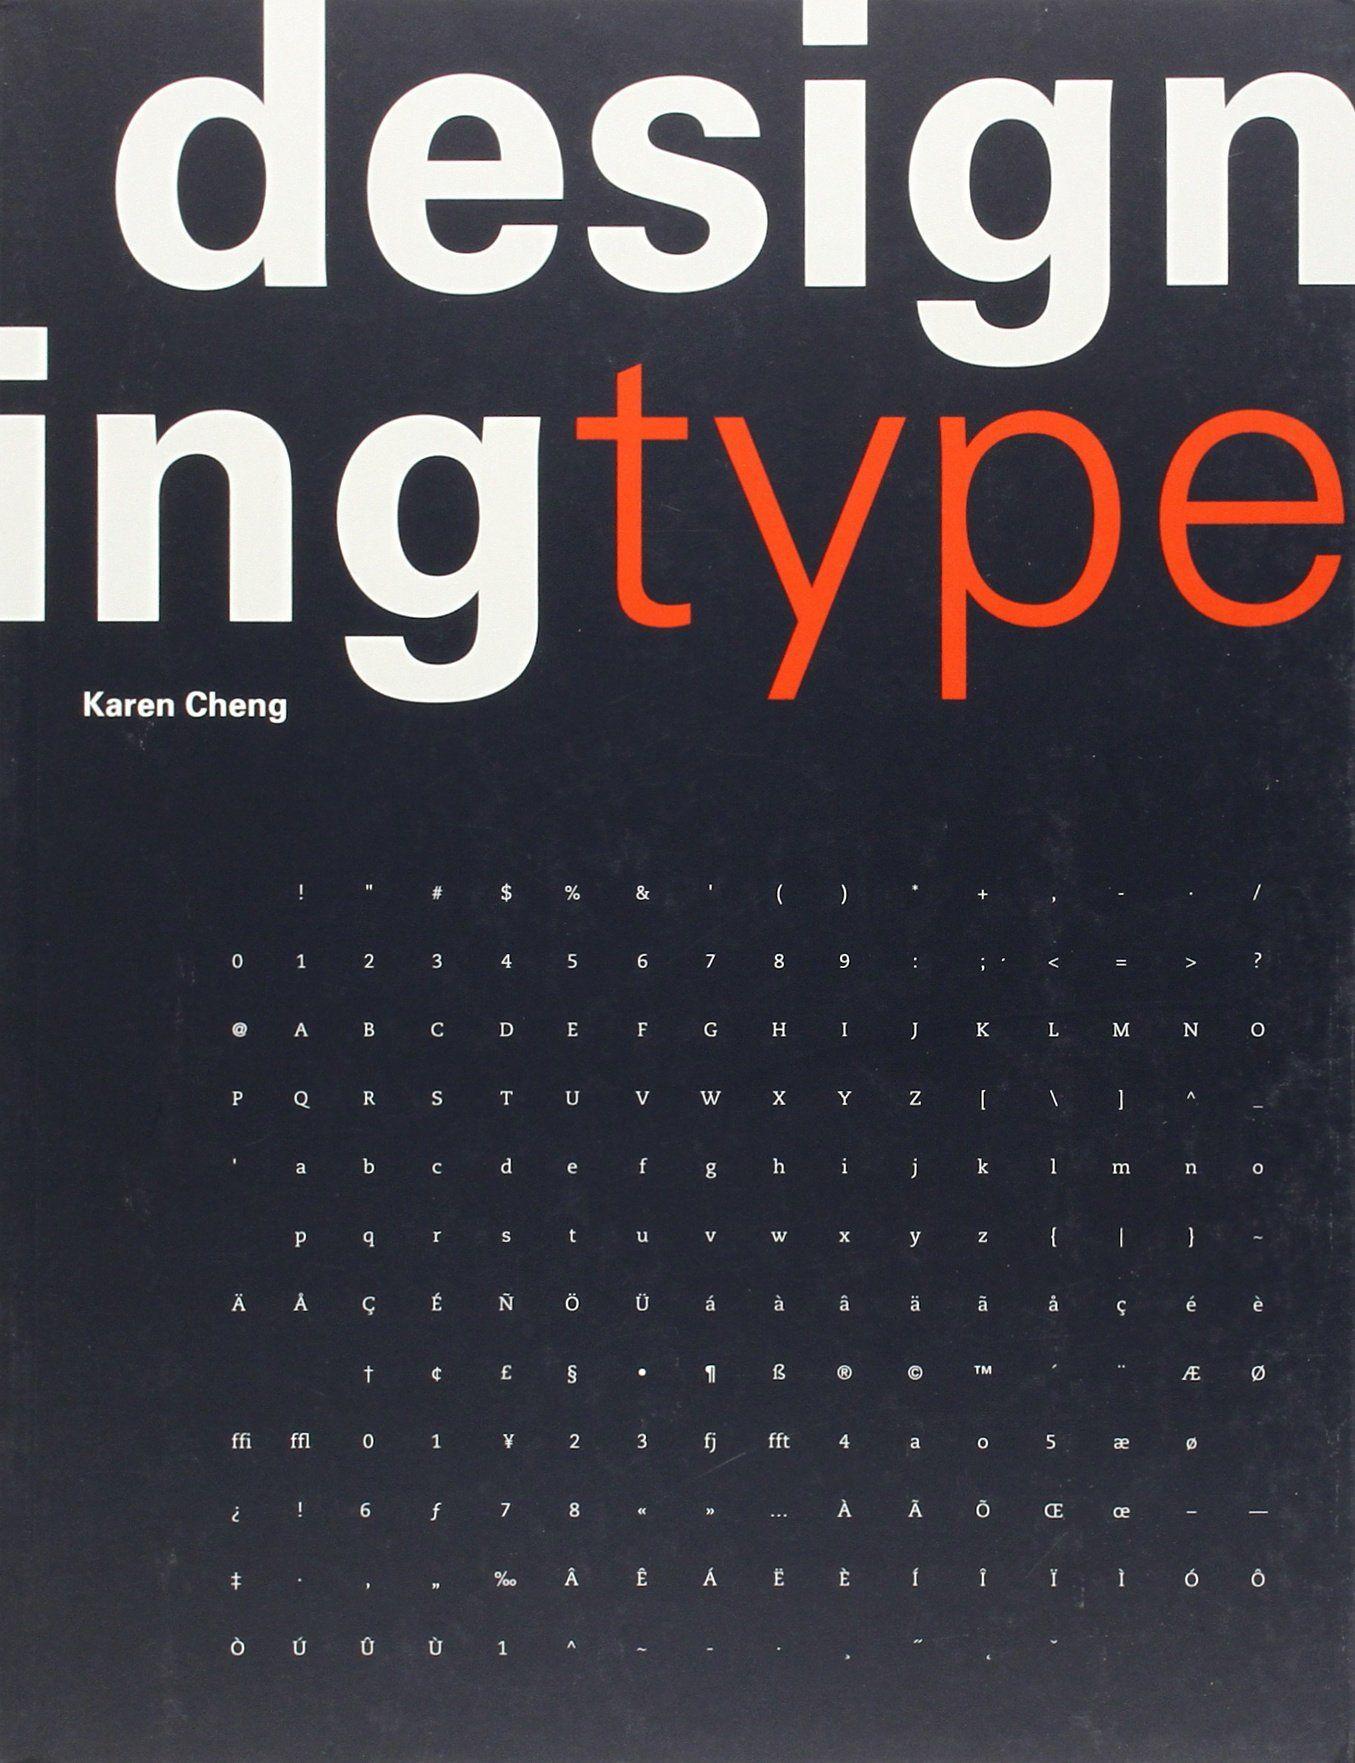 Designing Type (K. Cheng) Book design, Teaching graphic